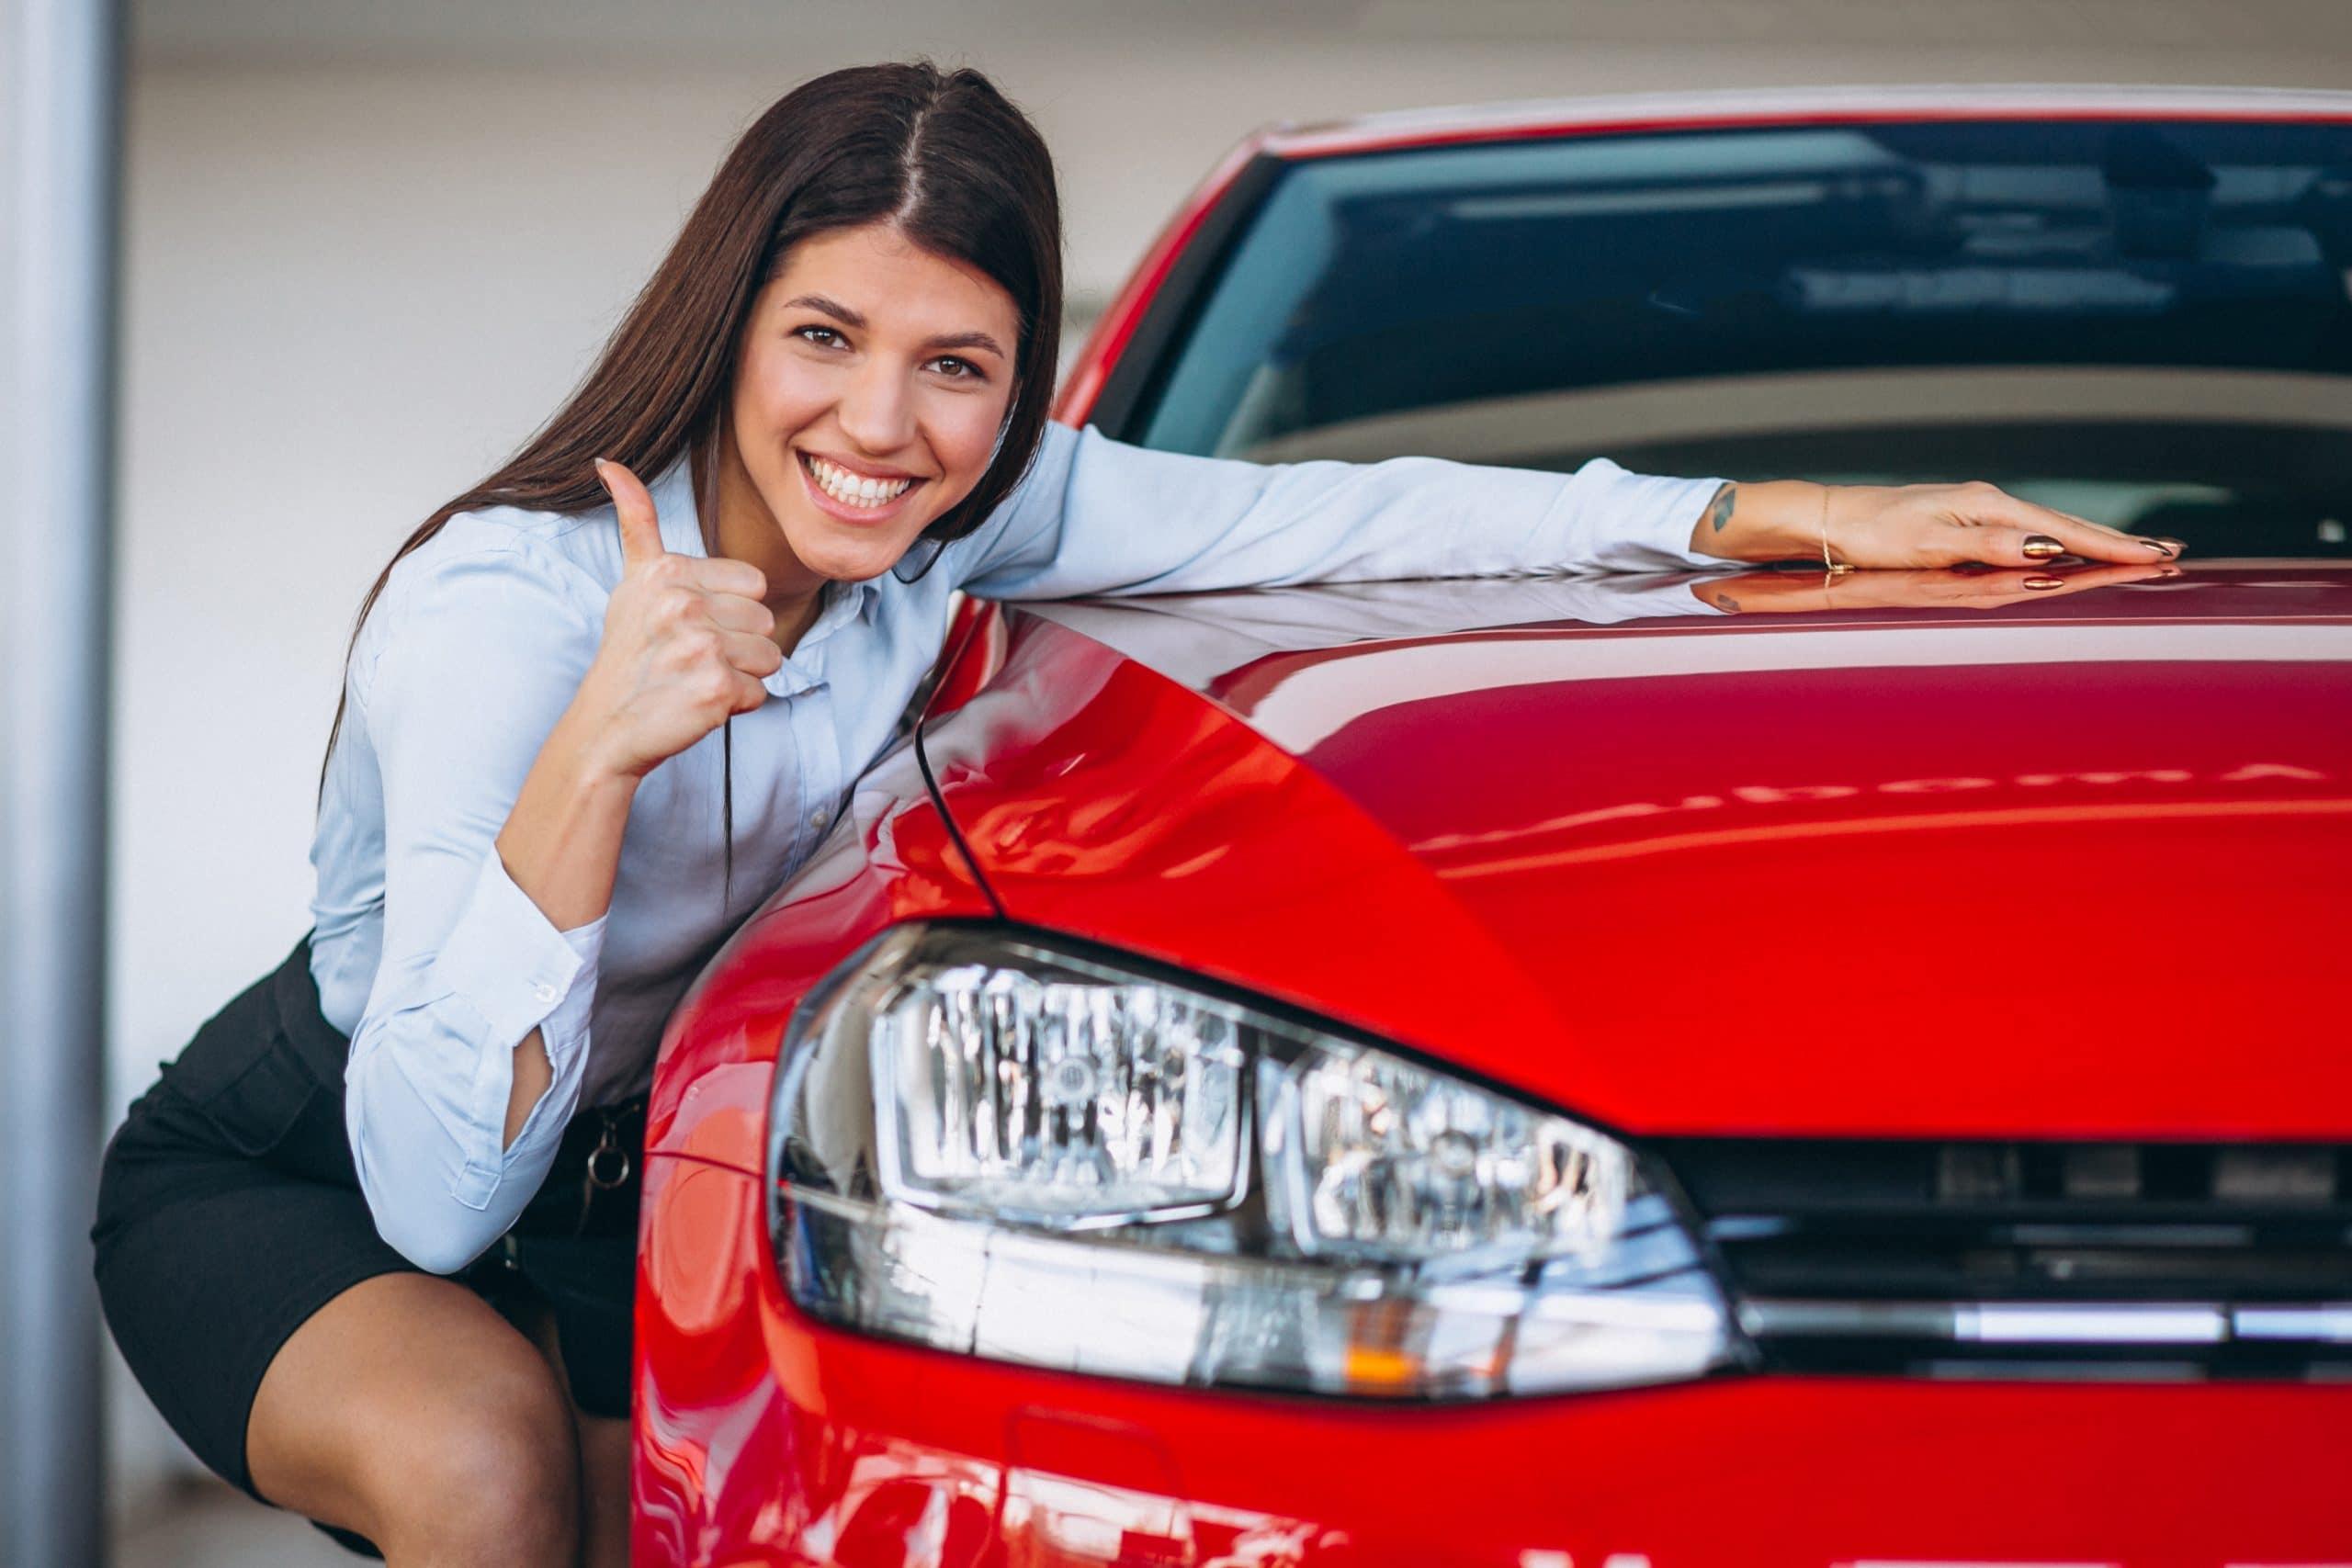 ασφαλεια αυτοκινητου συγκριση τιμων